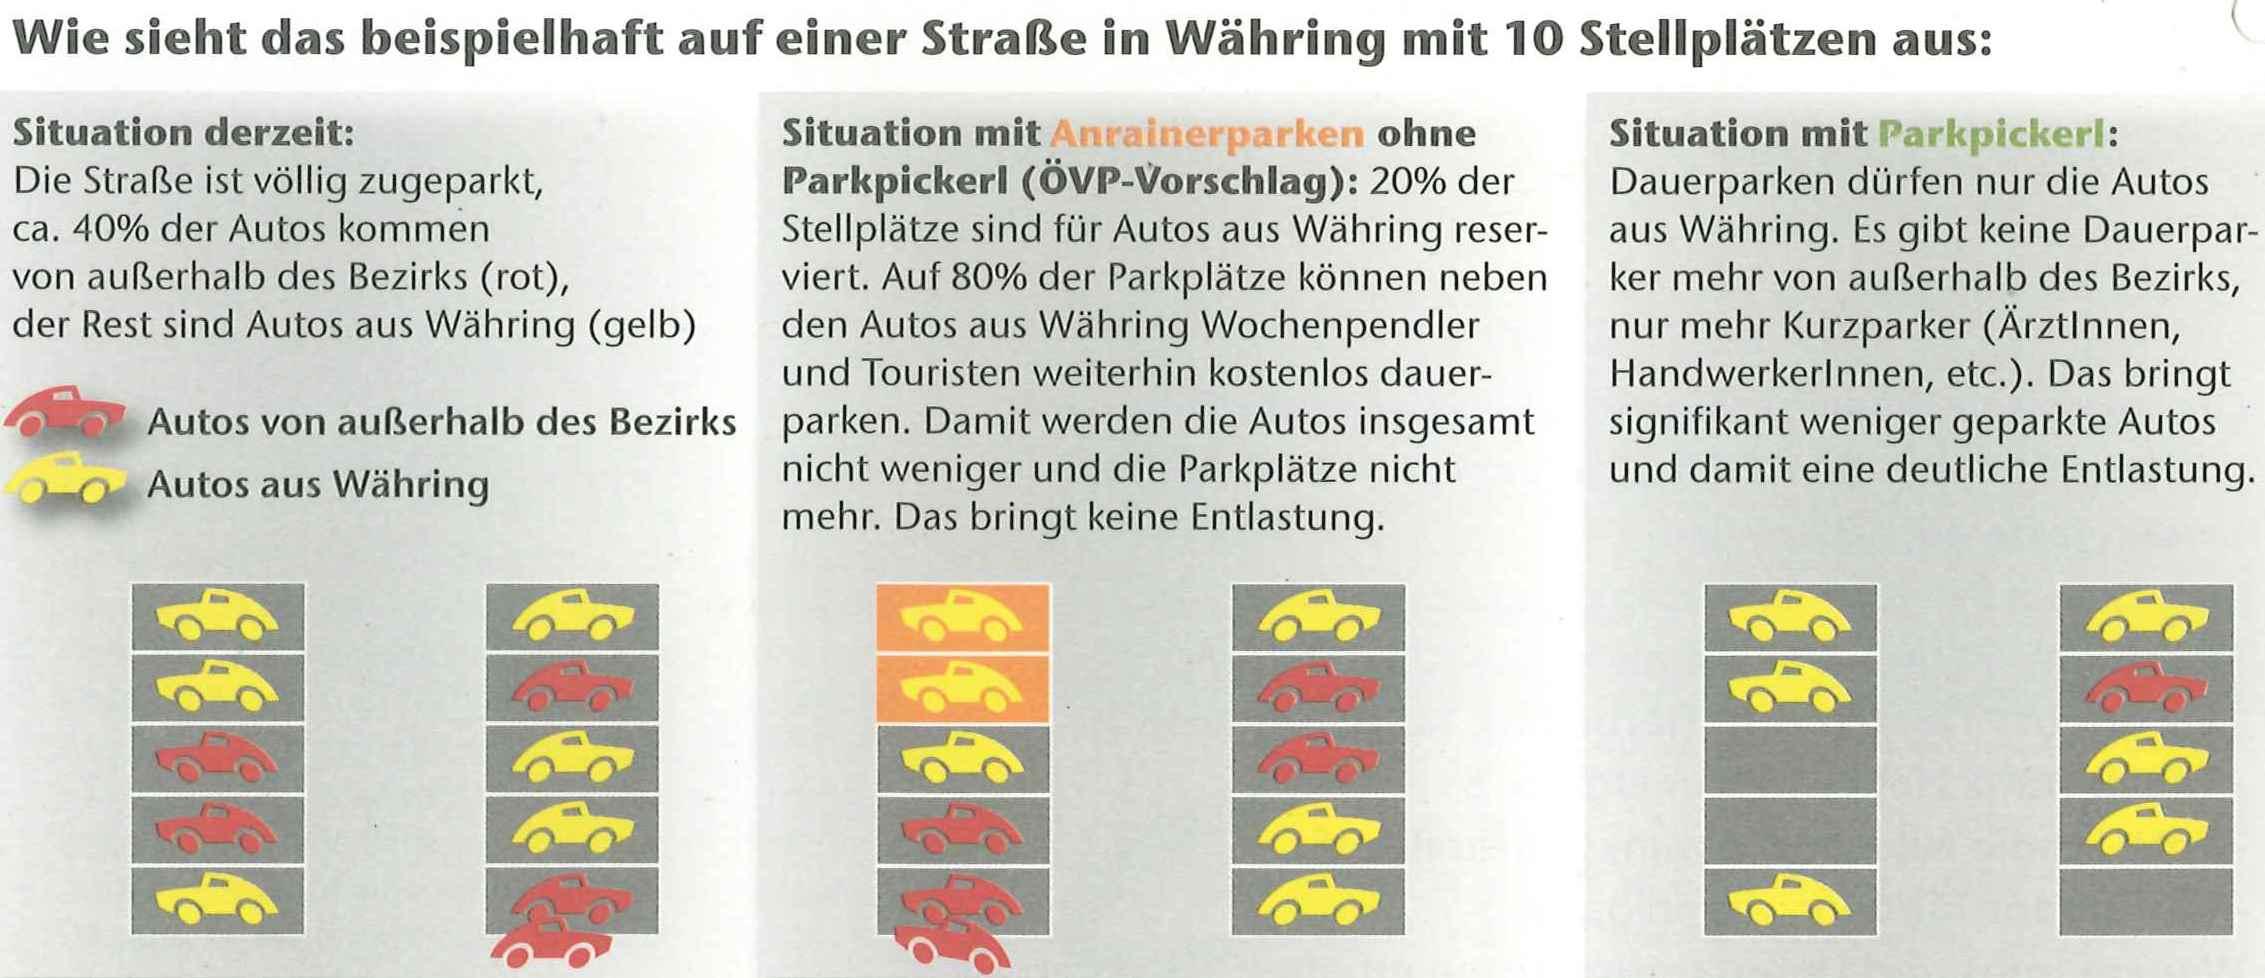 Anrainerparken_Grafik